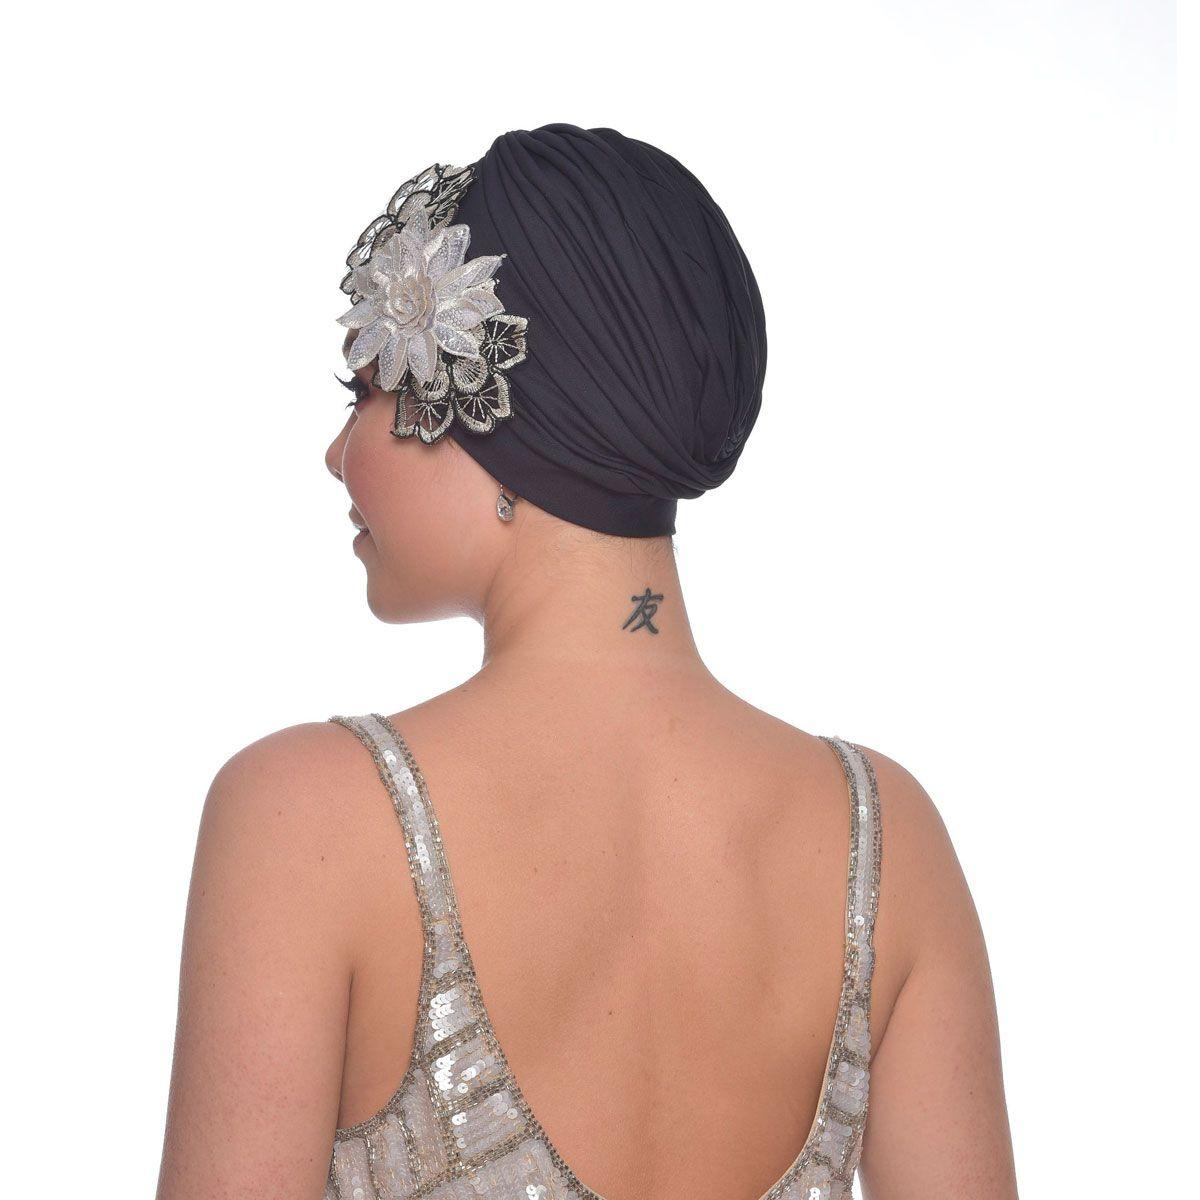 Turbante Feminino Drapeado com Aplique em Flores Triplo